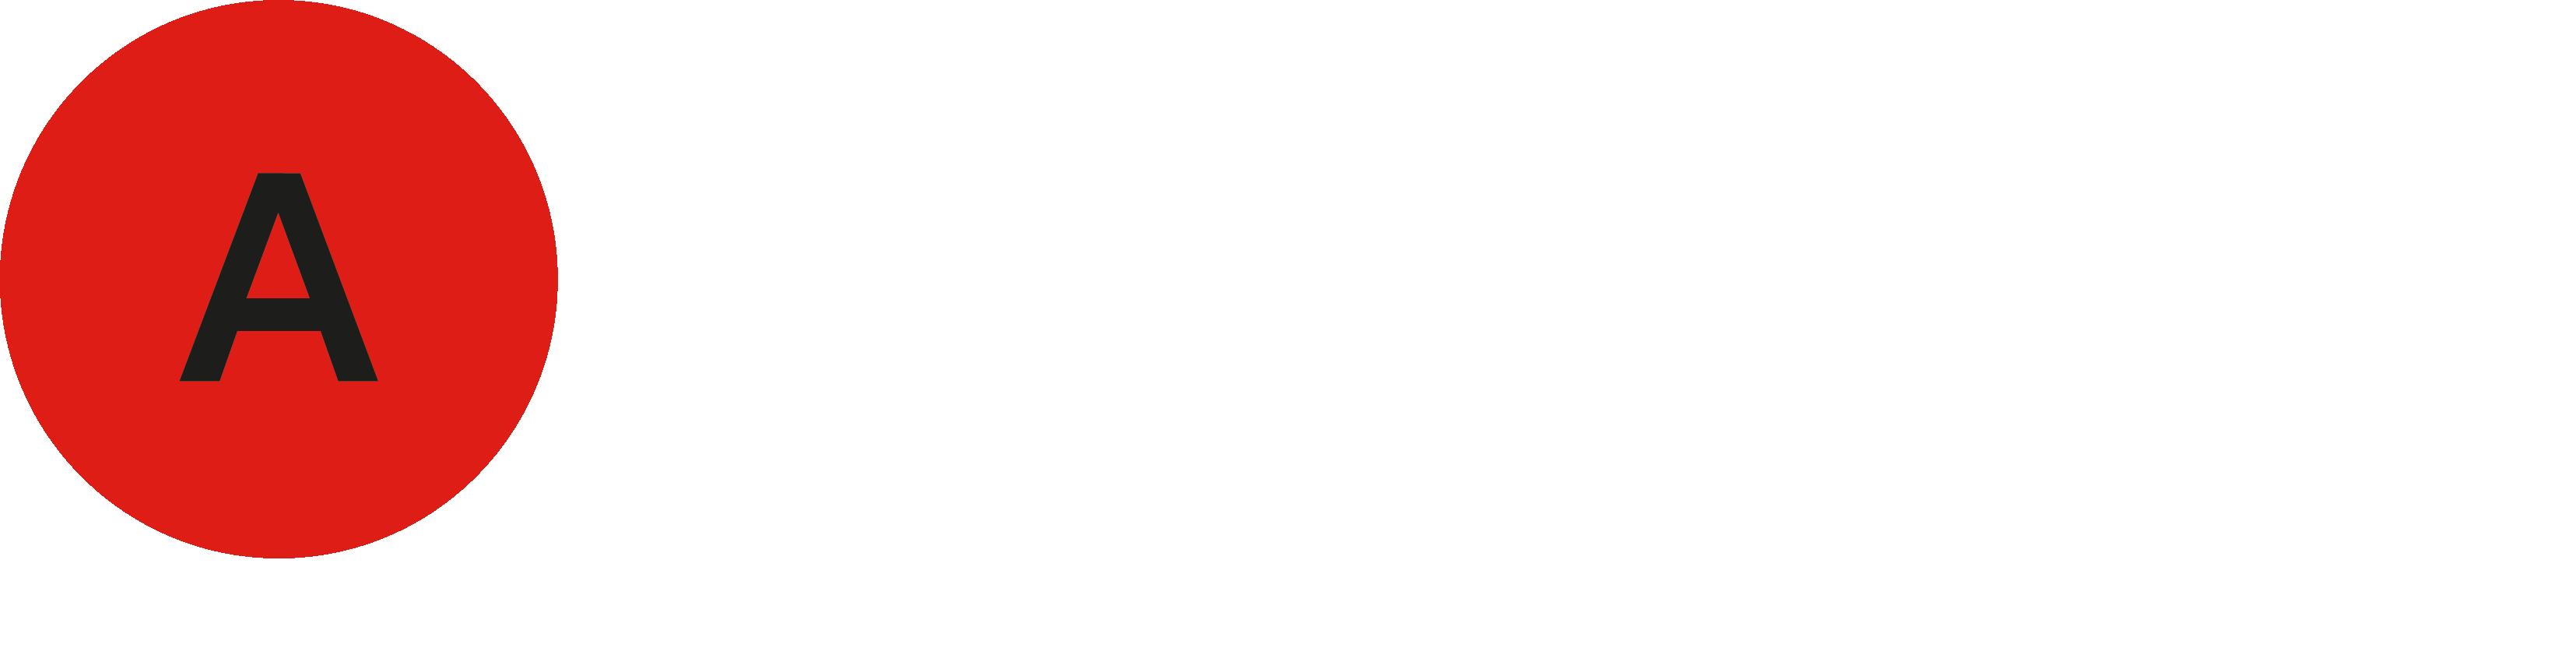 OffshoreAlert vGlobal